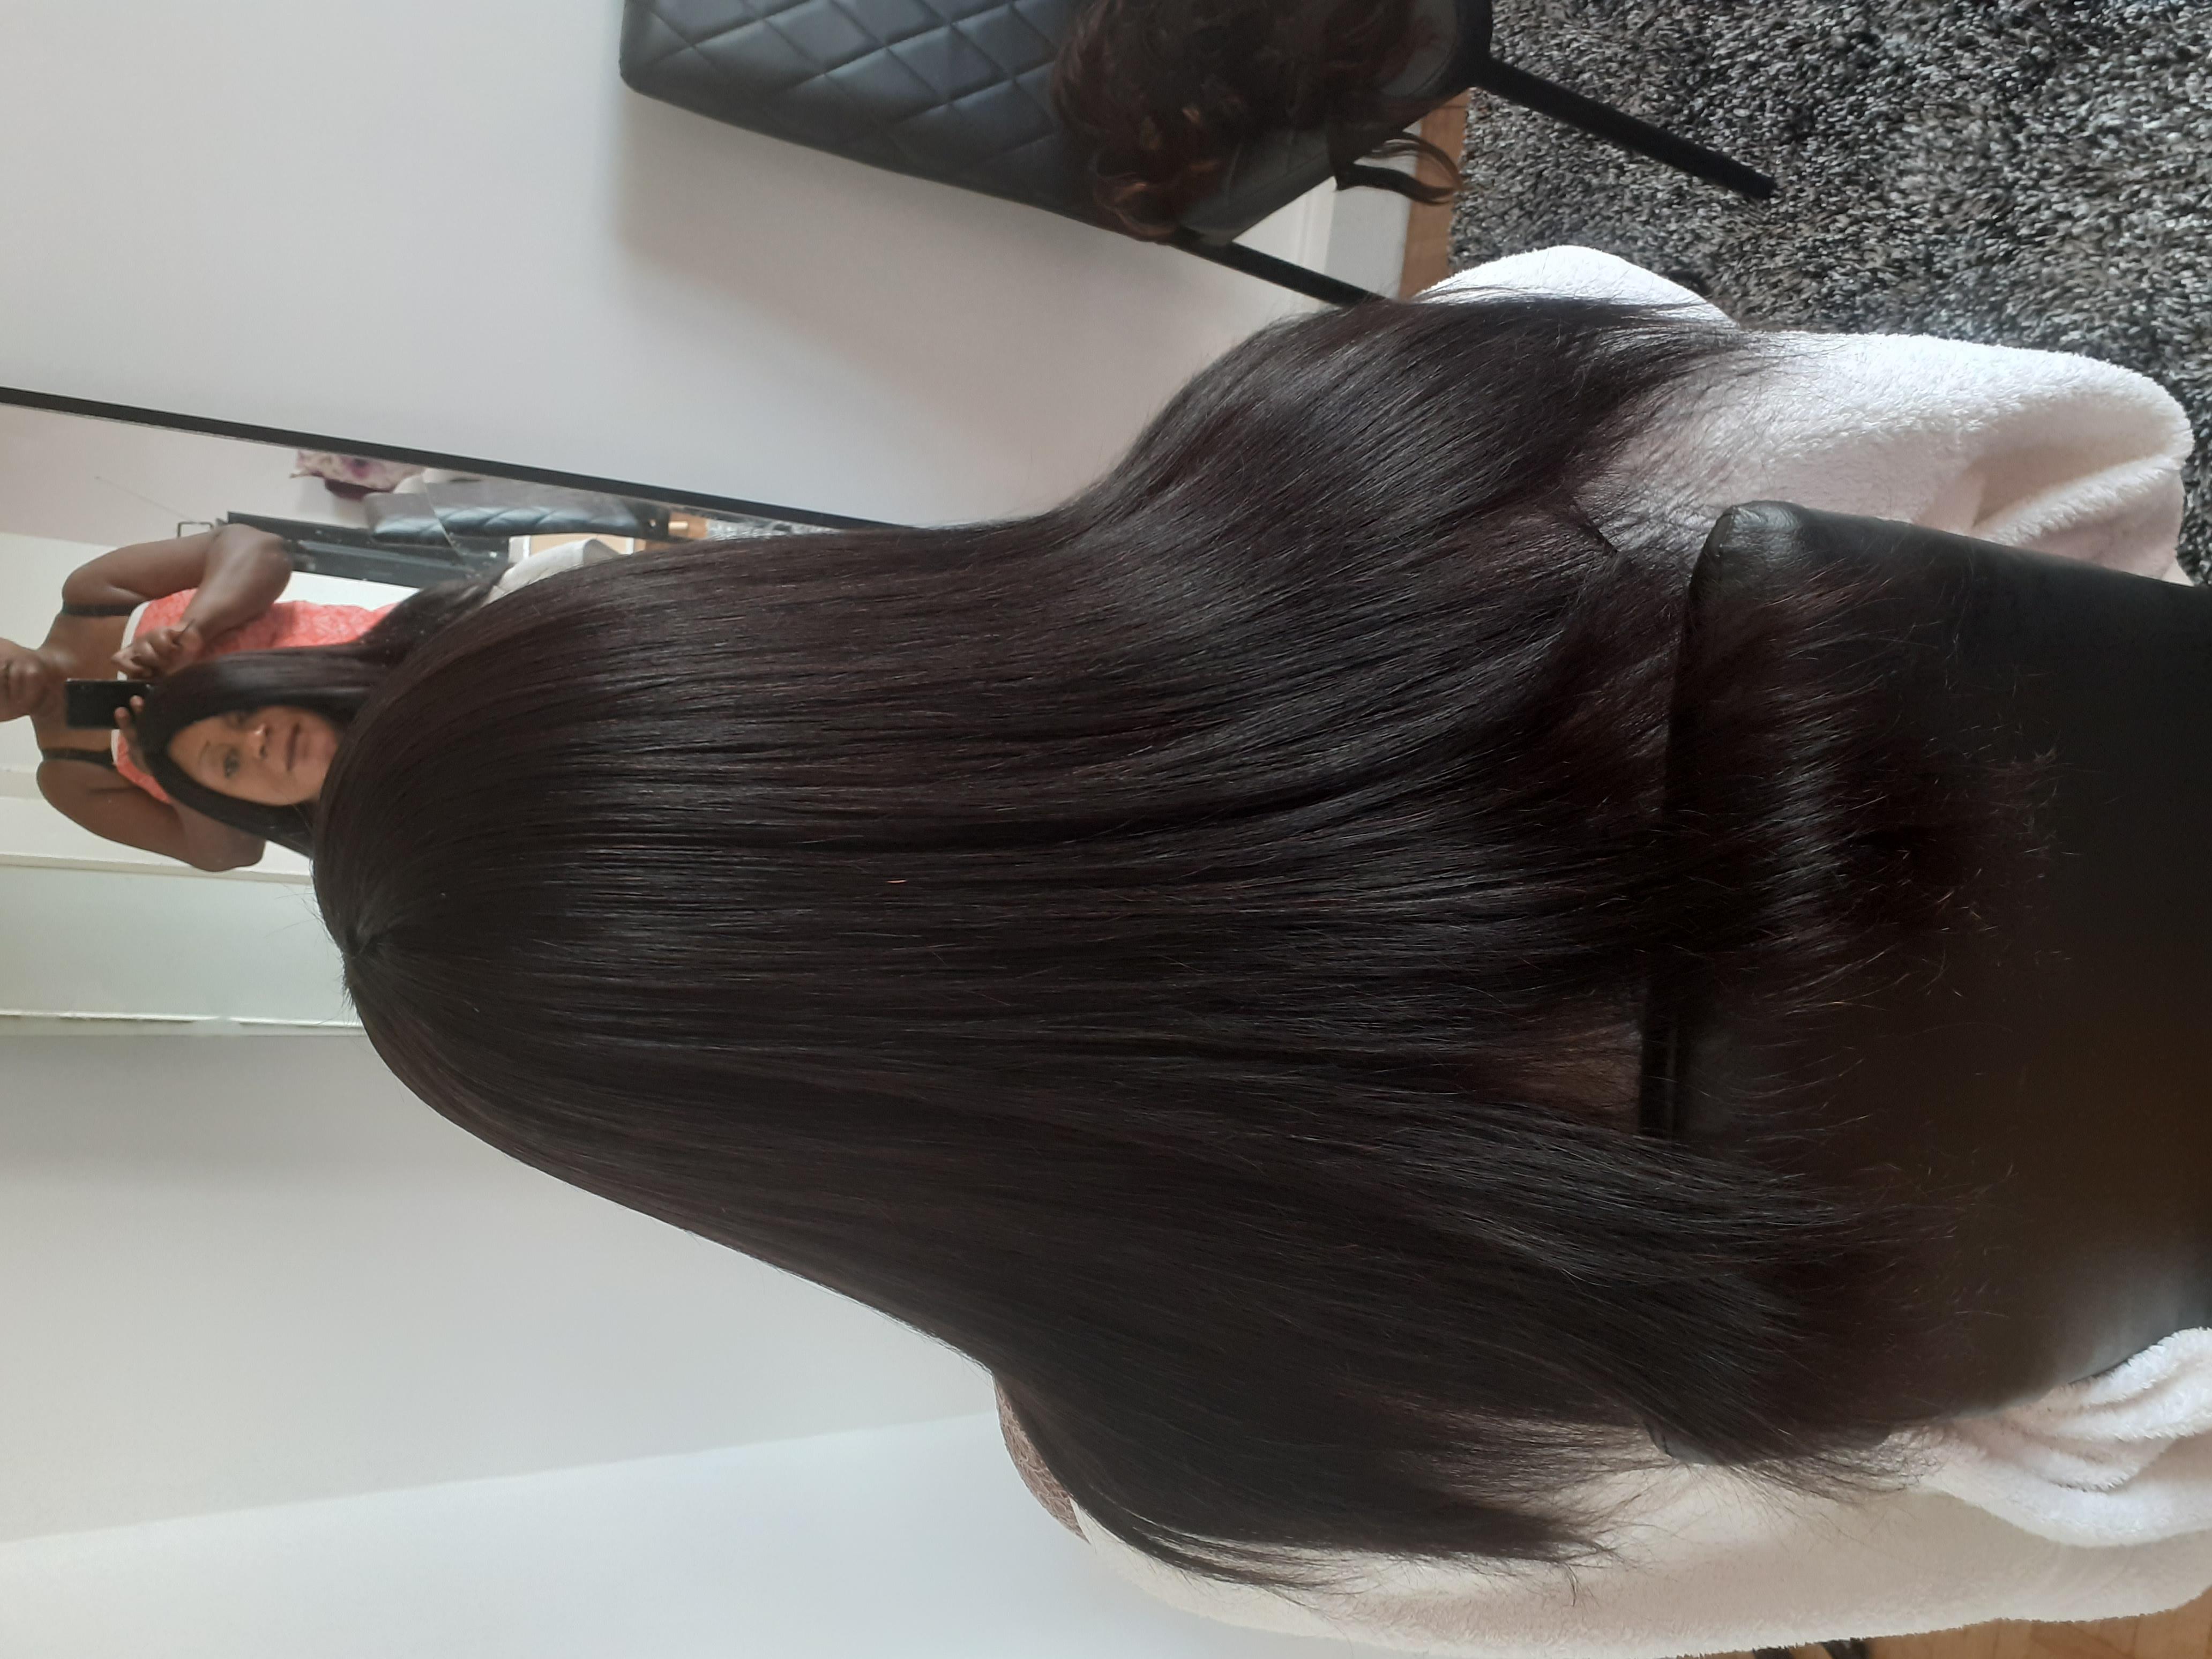 salon de coiffure afro tresse tresses box braids crochet braids vanilles tissages paris 75 77 78 91 92 93 94 95 COYLMQXM